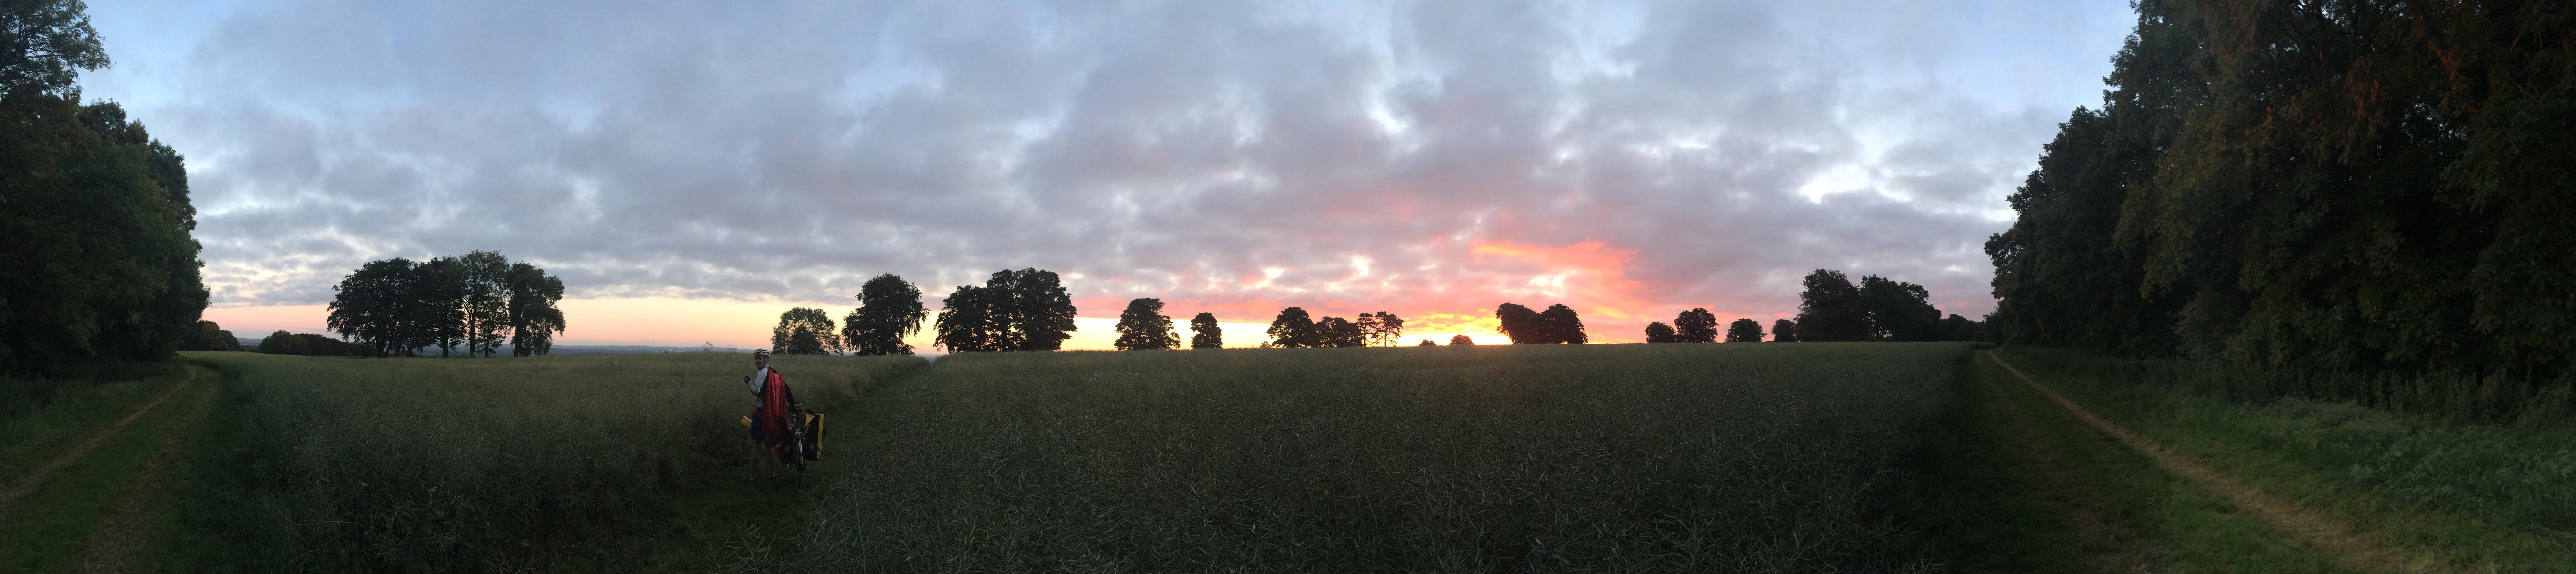 Sunrise up on Staple Lane, Surrey